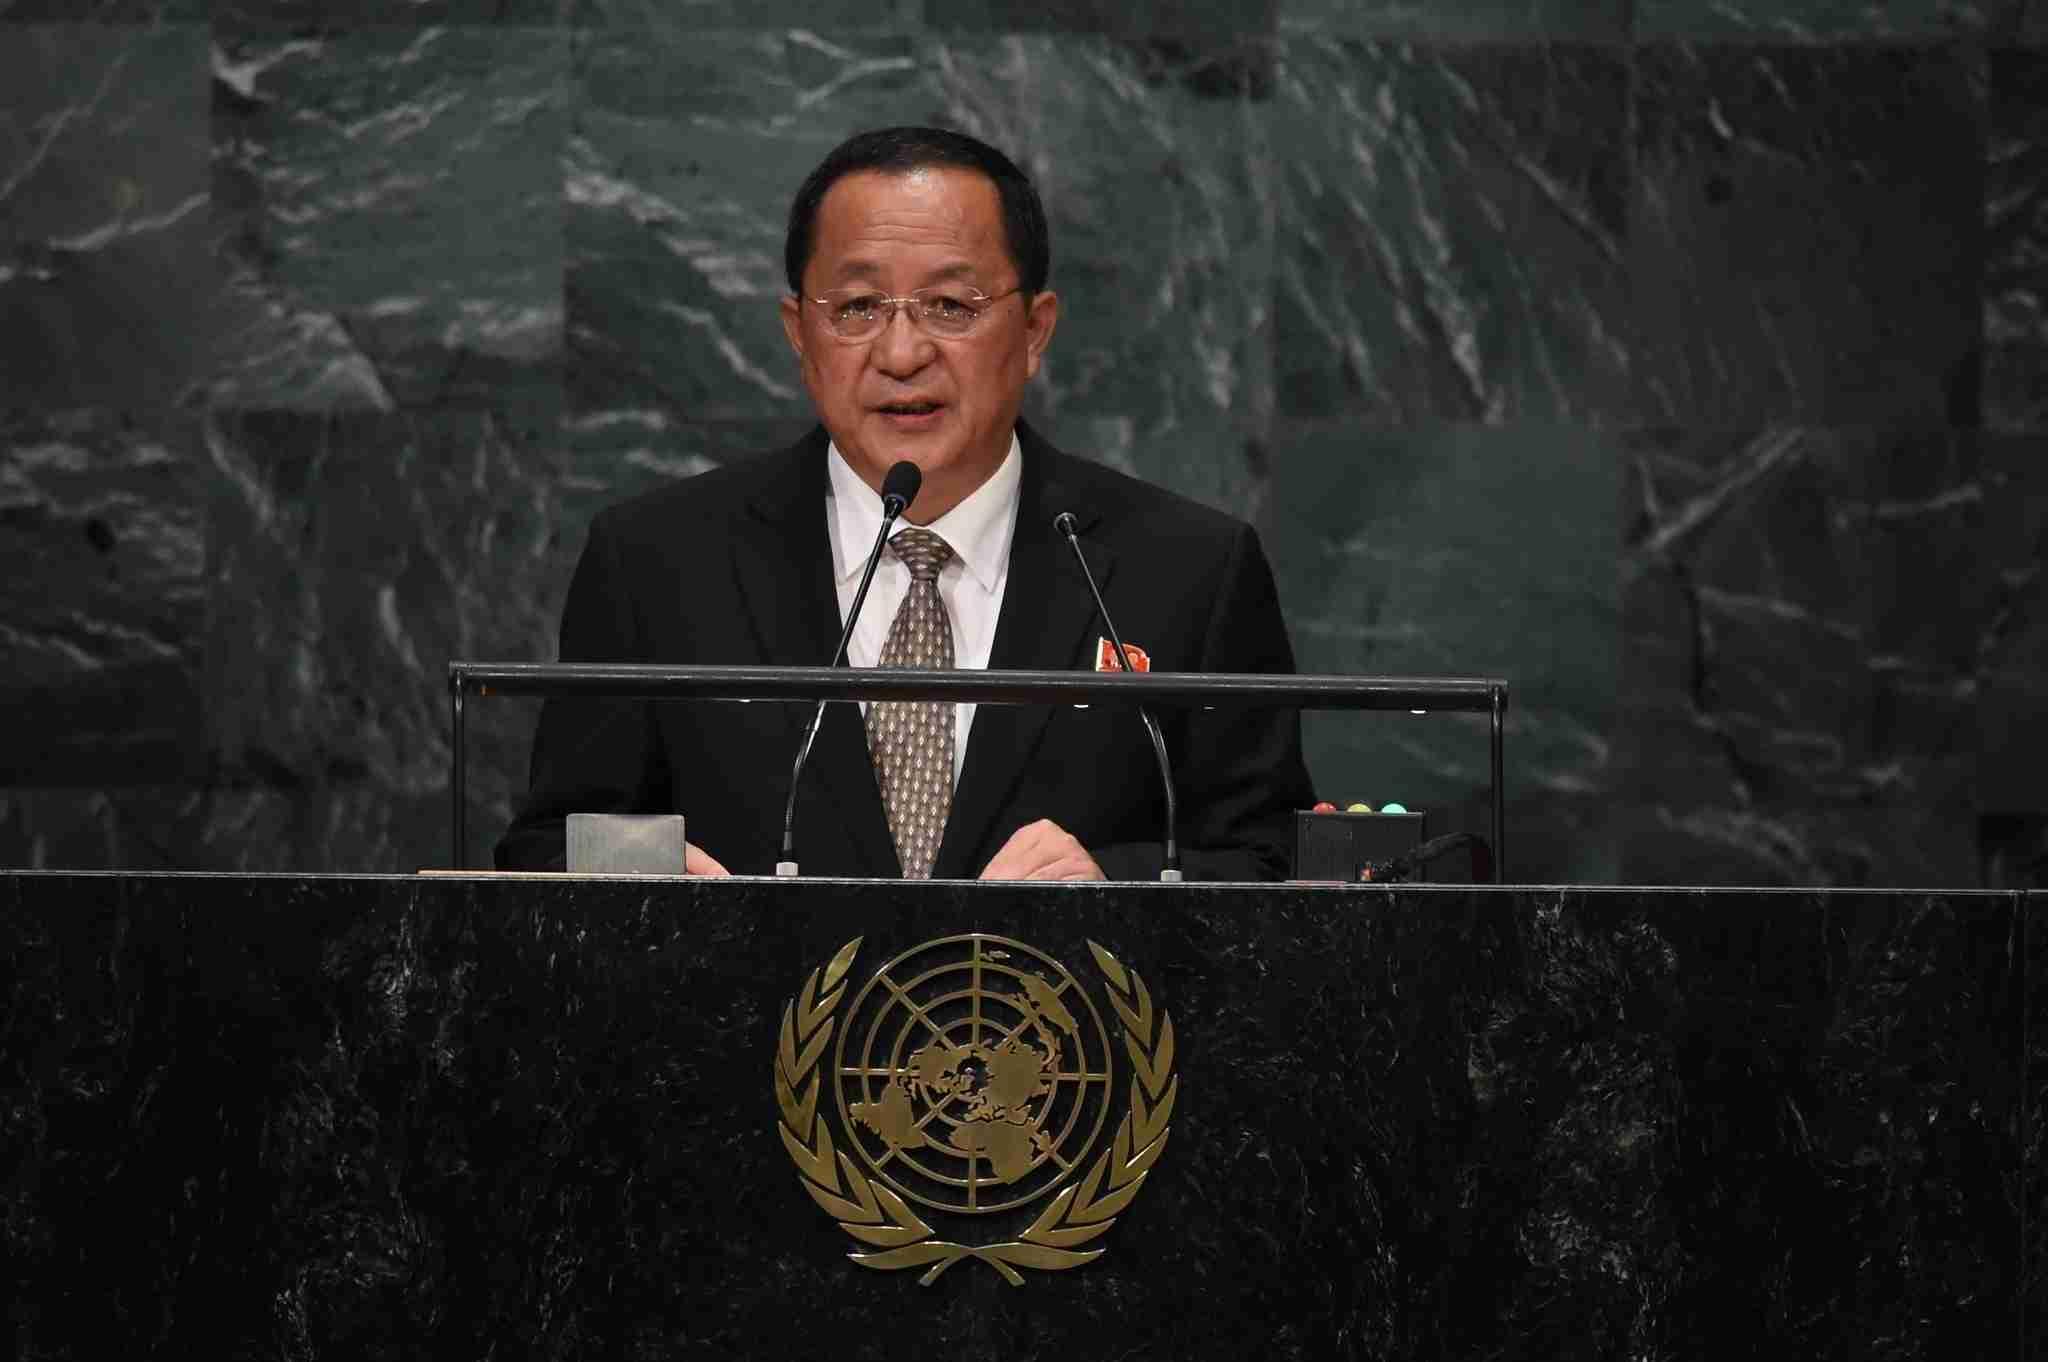 北朝鮮、米国との緊張めぐりASEANに支援求める (AFP=時事) - Yahoo!ニュース